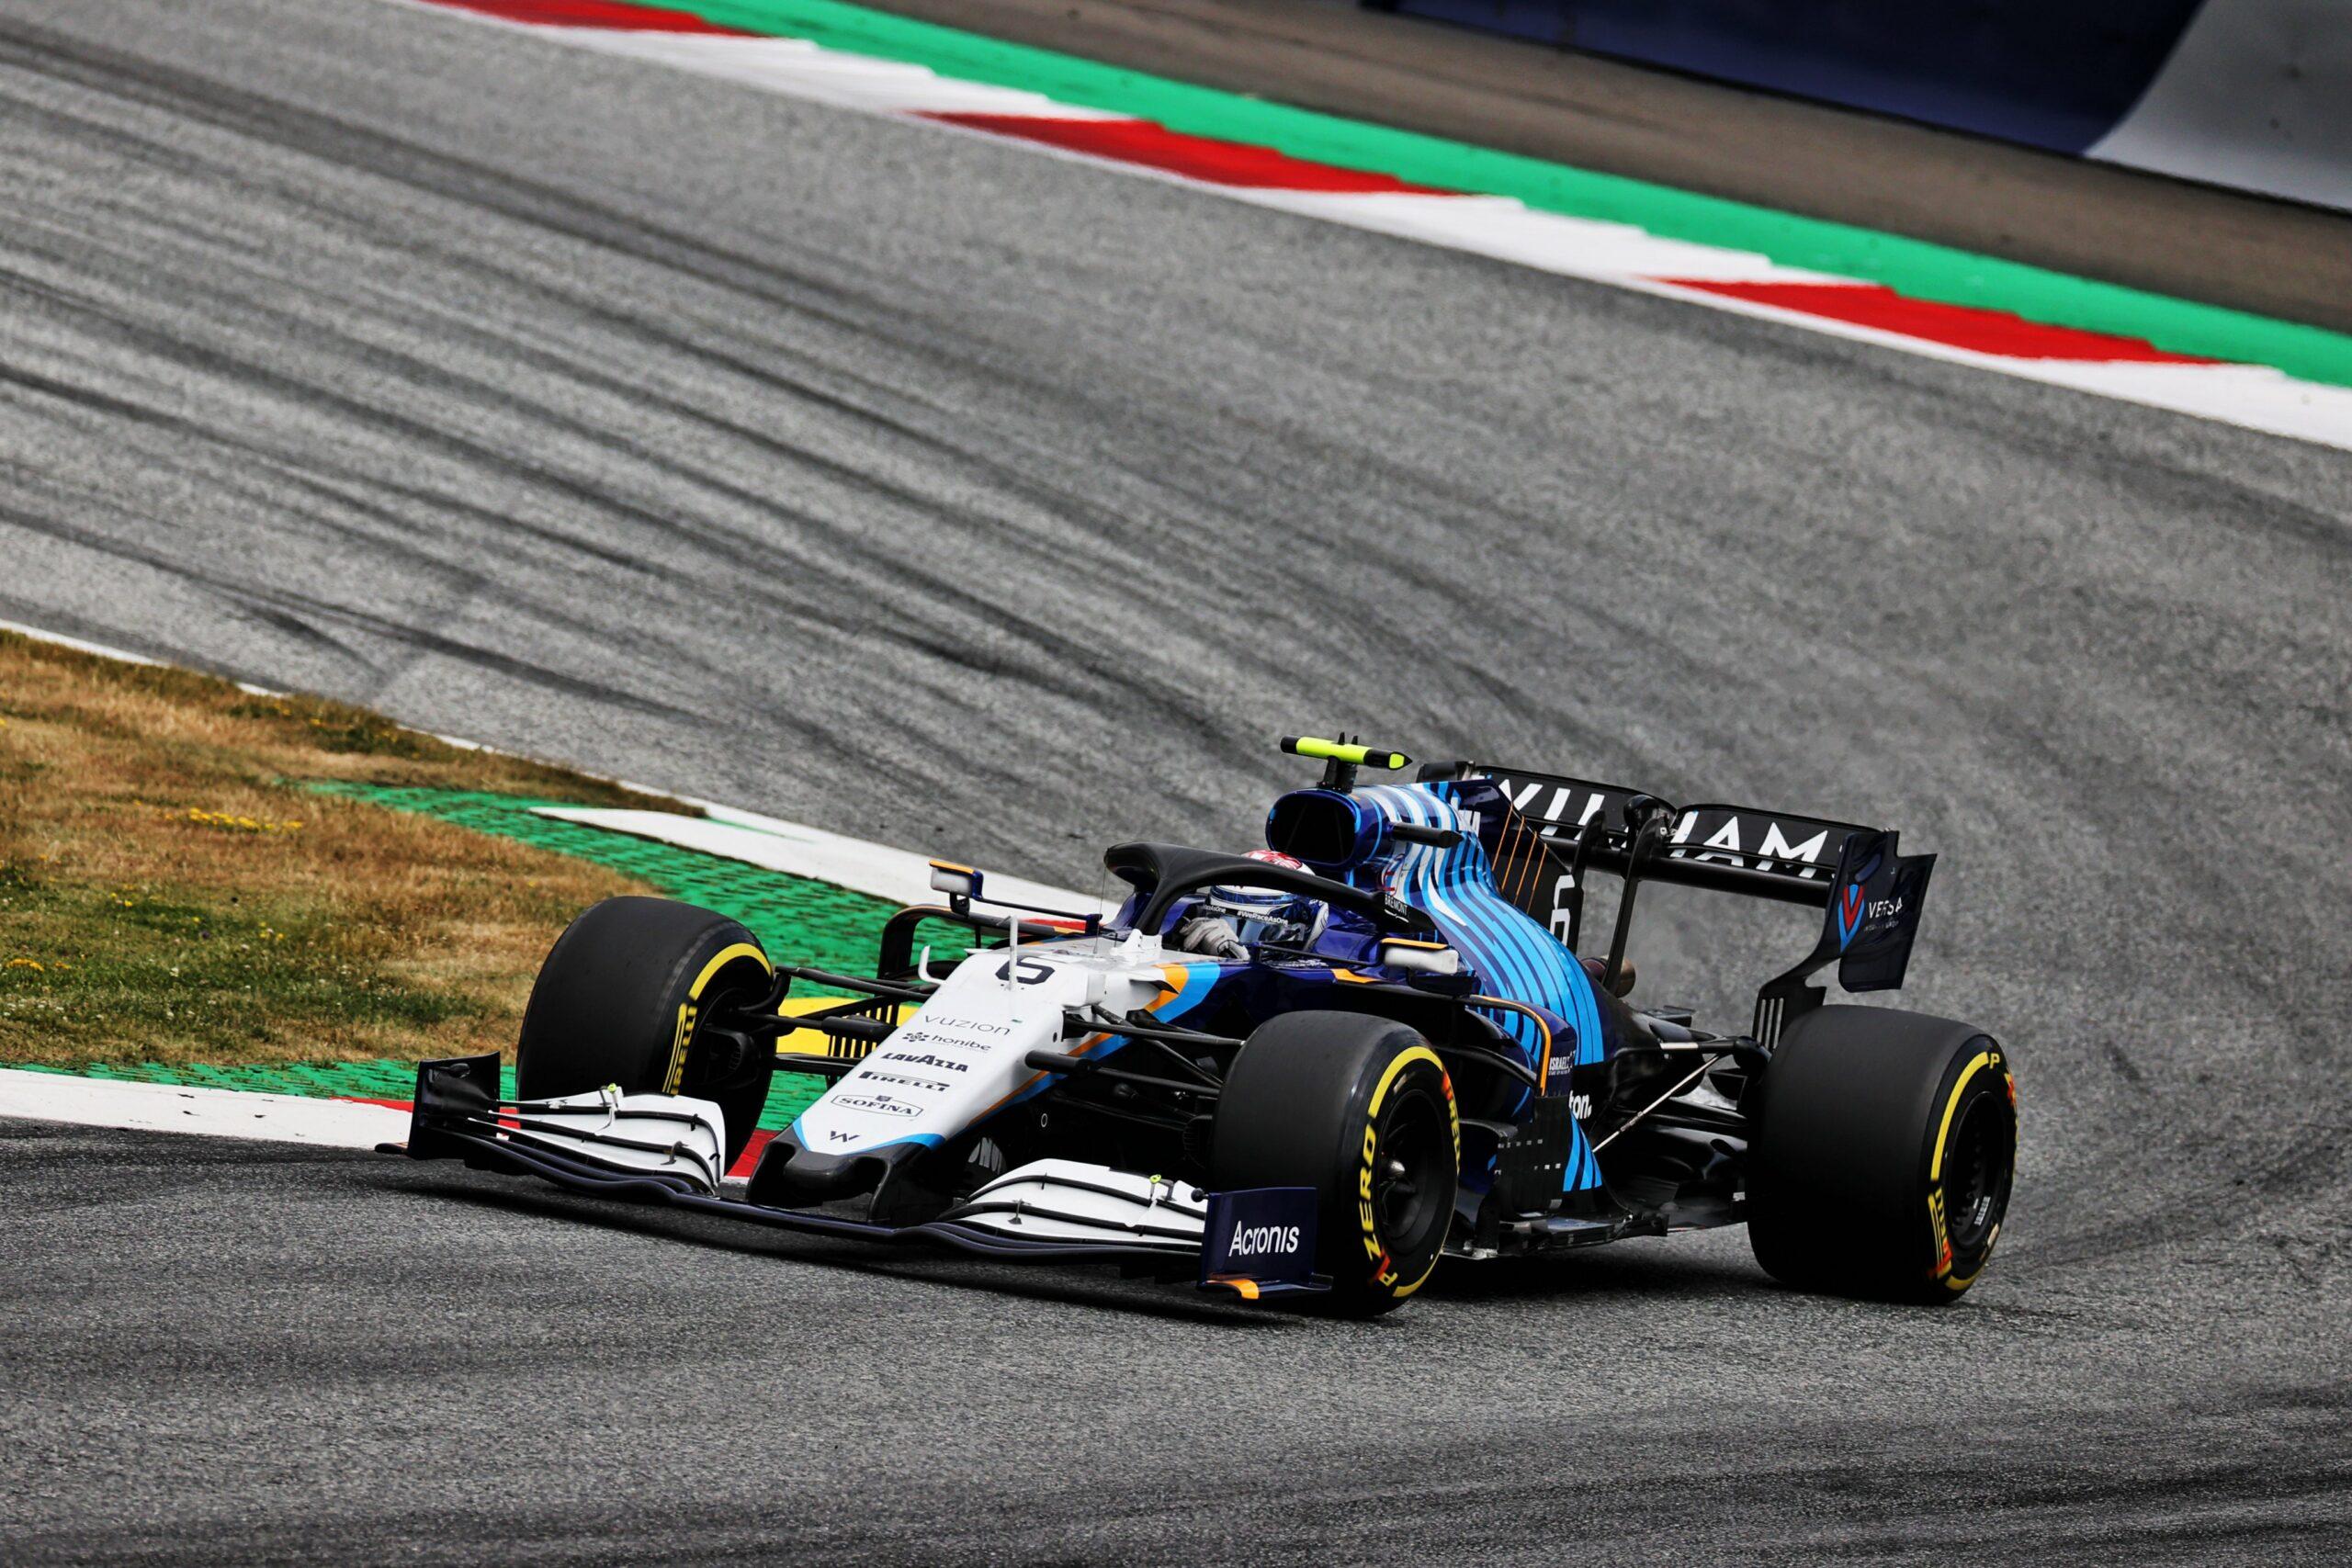 F1 - Officiel : Pénalité pour Mazepin et Latifi au GP d'Autriche